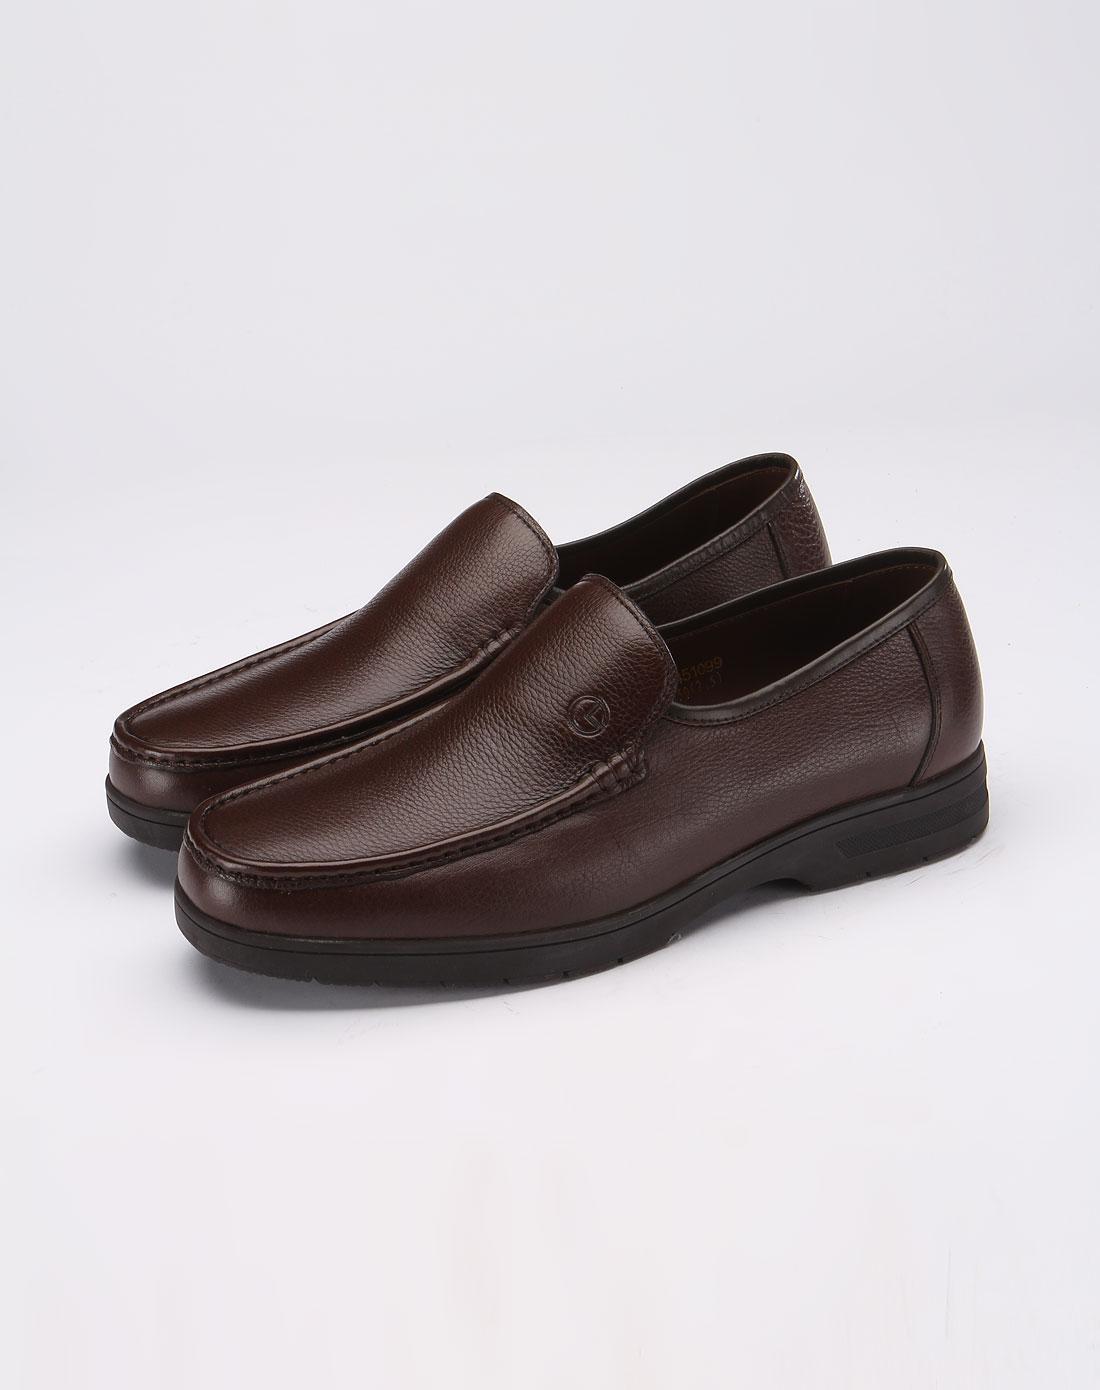 金利来goldlion棕色商务休闲皮鞋 ...